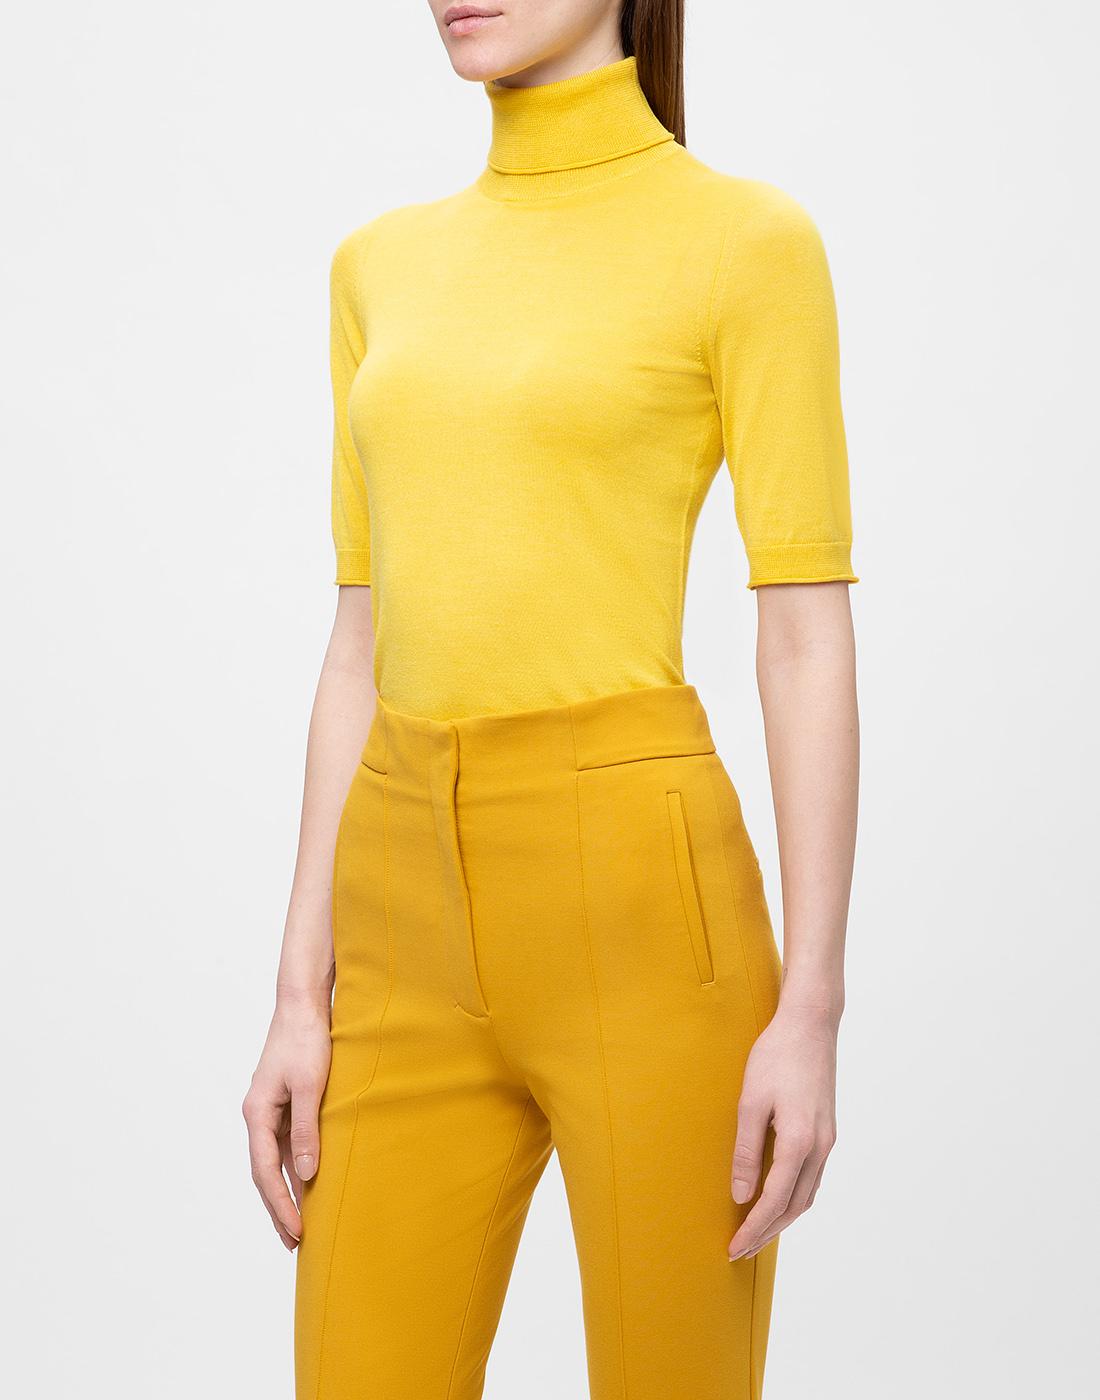 Женский желтый джемпер  Dorothee Schumacher S610802/224-3